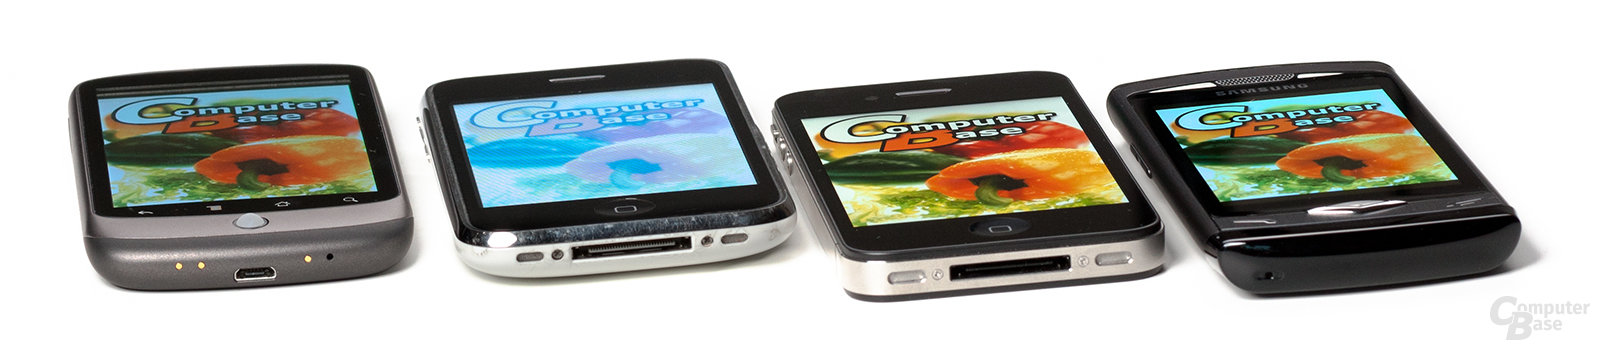 Spitzer Blickwinkel: Nexus One, iPhone 3GS, iPhone 4, Wave S8500